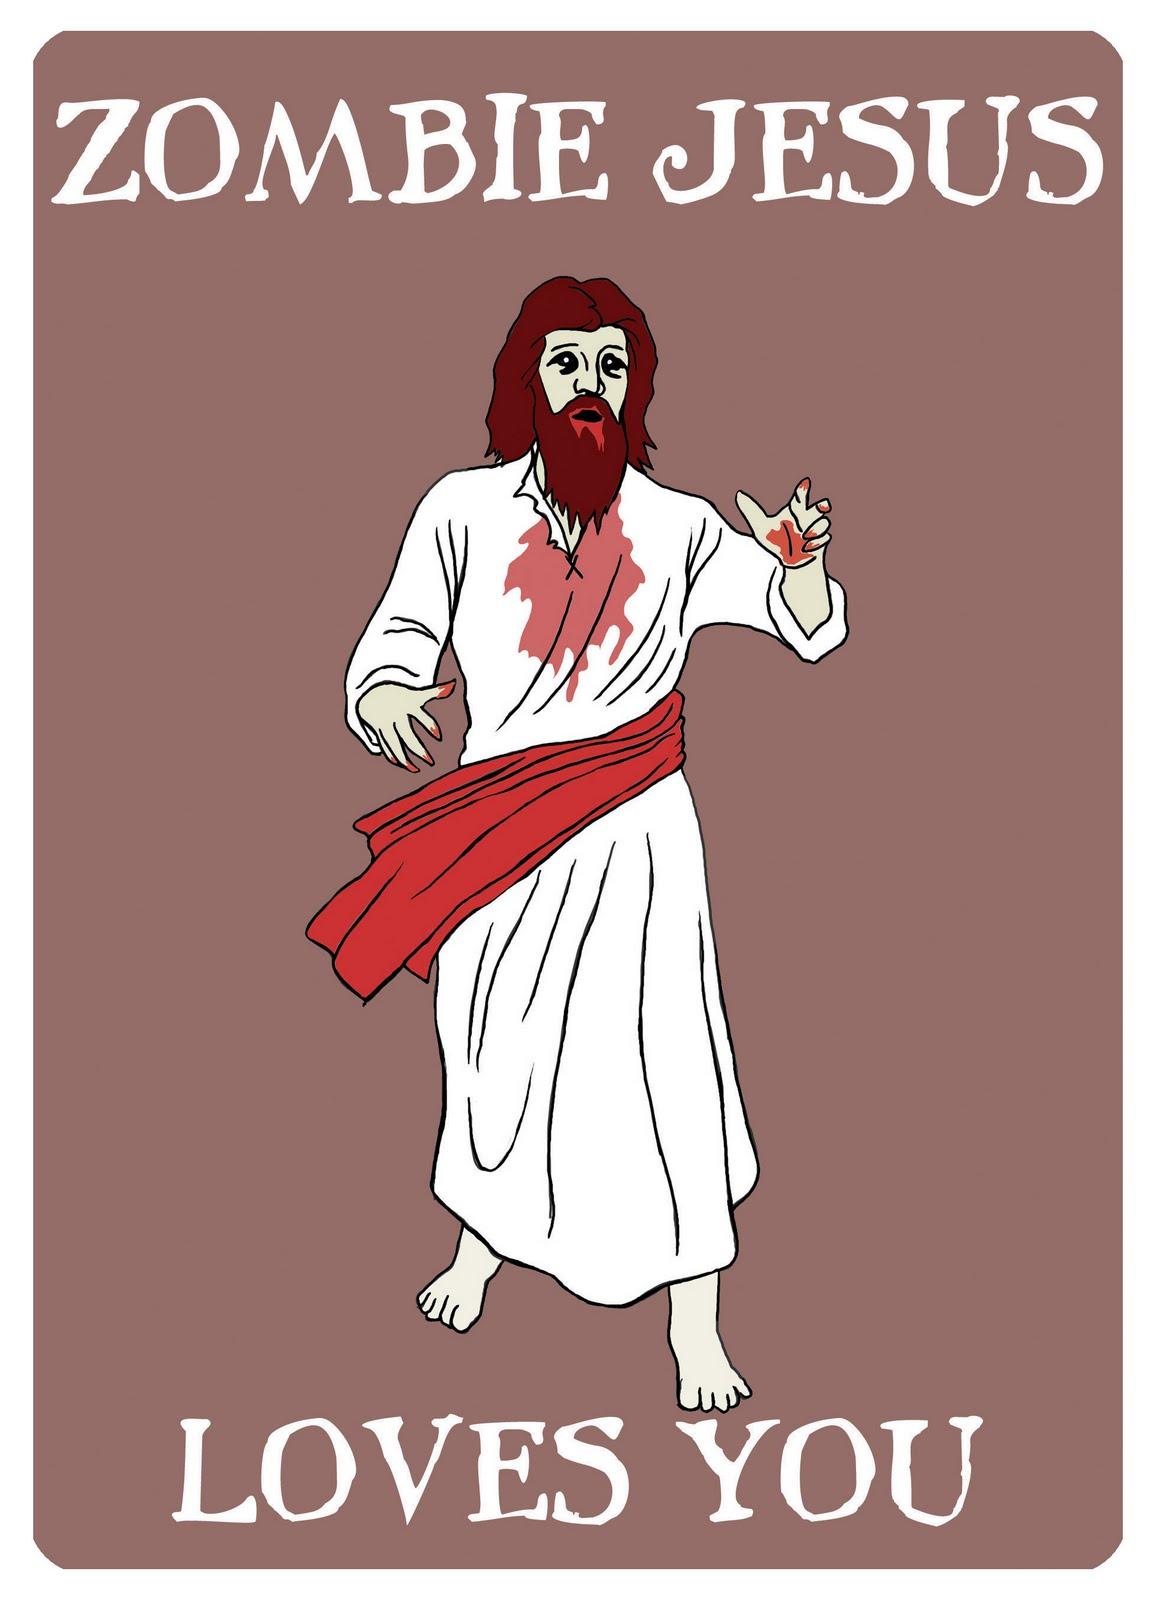 http://1.bp.blogspot.com/-ubrR8GK8KvM/TbW0wFZkIJI/AAAAAAAAAFU/ogtRa7_eMXw/s1600/zombie-jesus.jpg